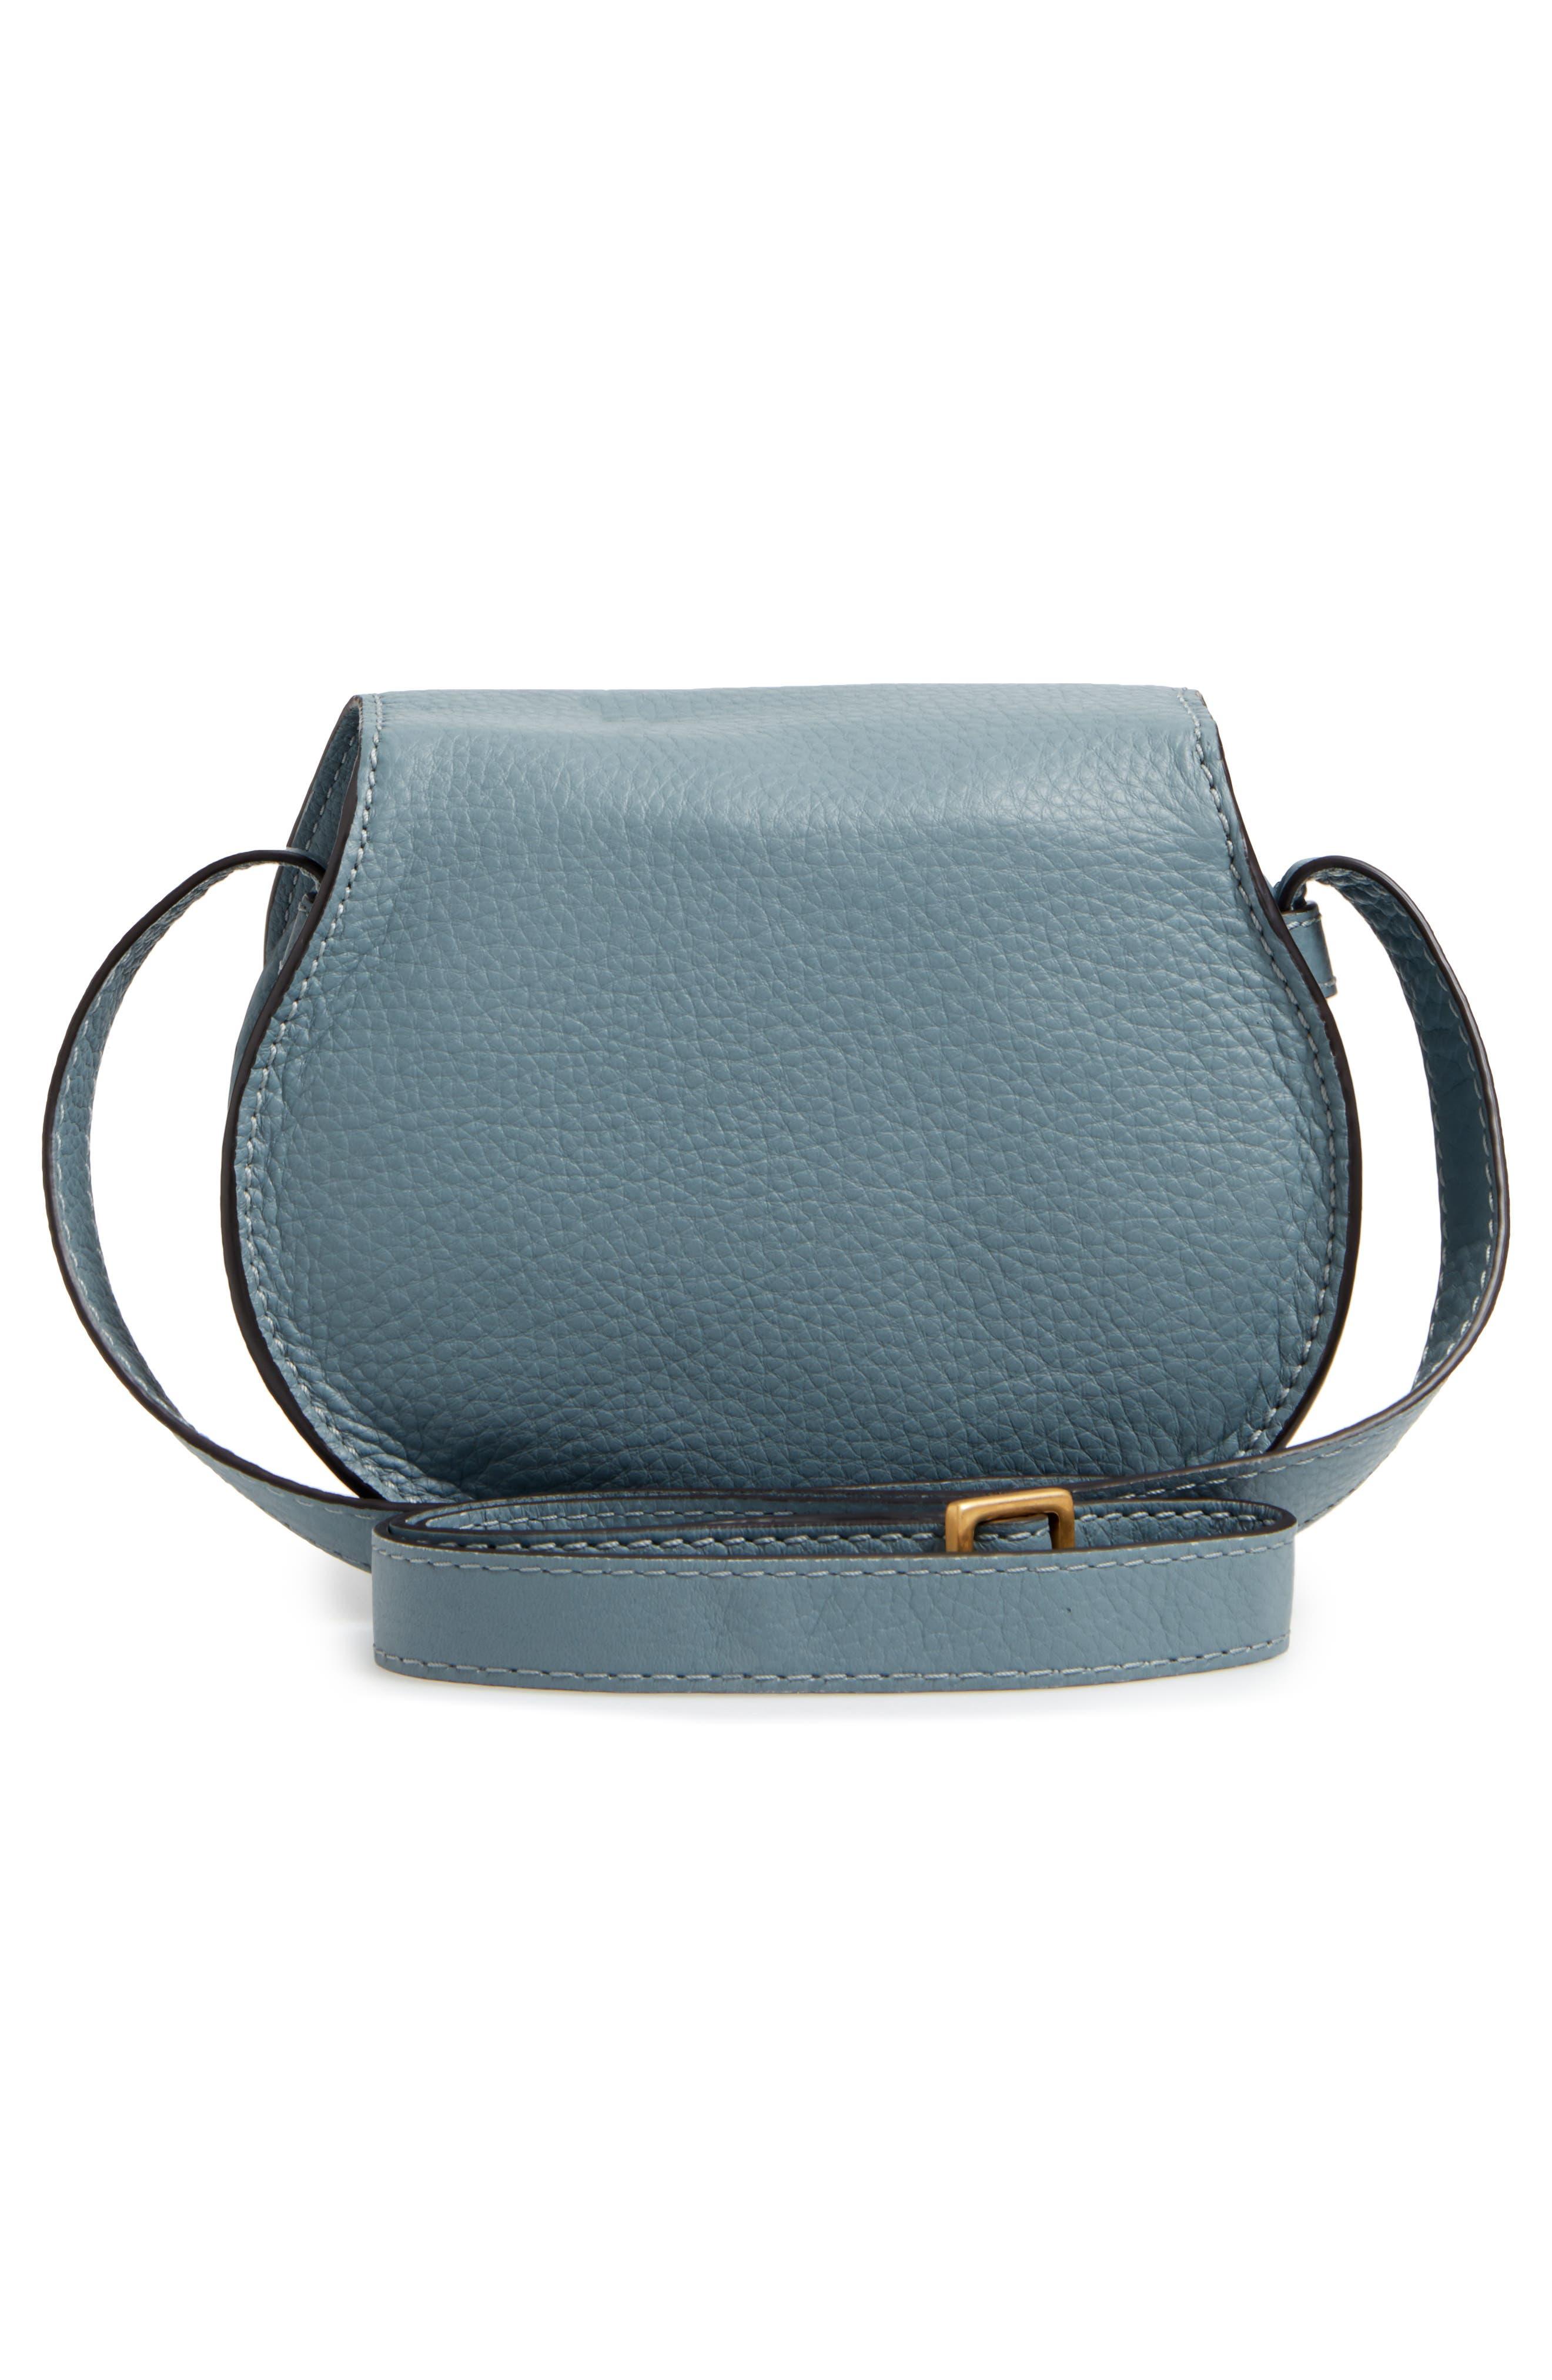 CHLOÉ, 'Mini Marcie' Leather Crossbody Bag, Alternate thumbnail 3, color, BFC CLOUDY BLUE